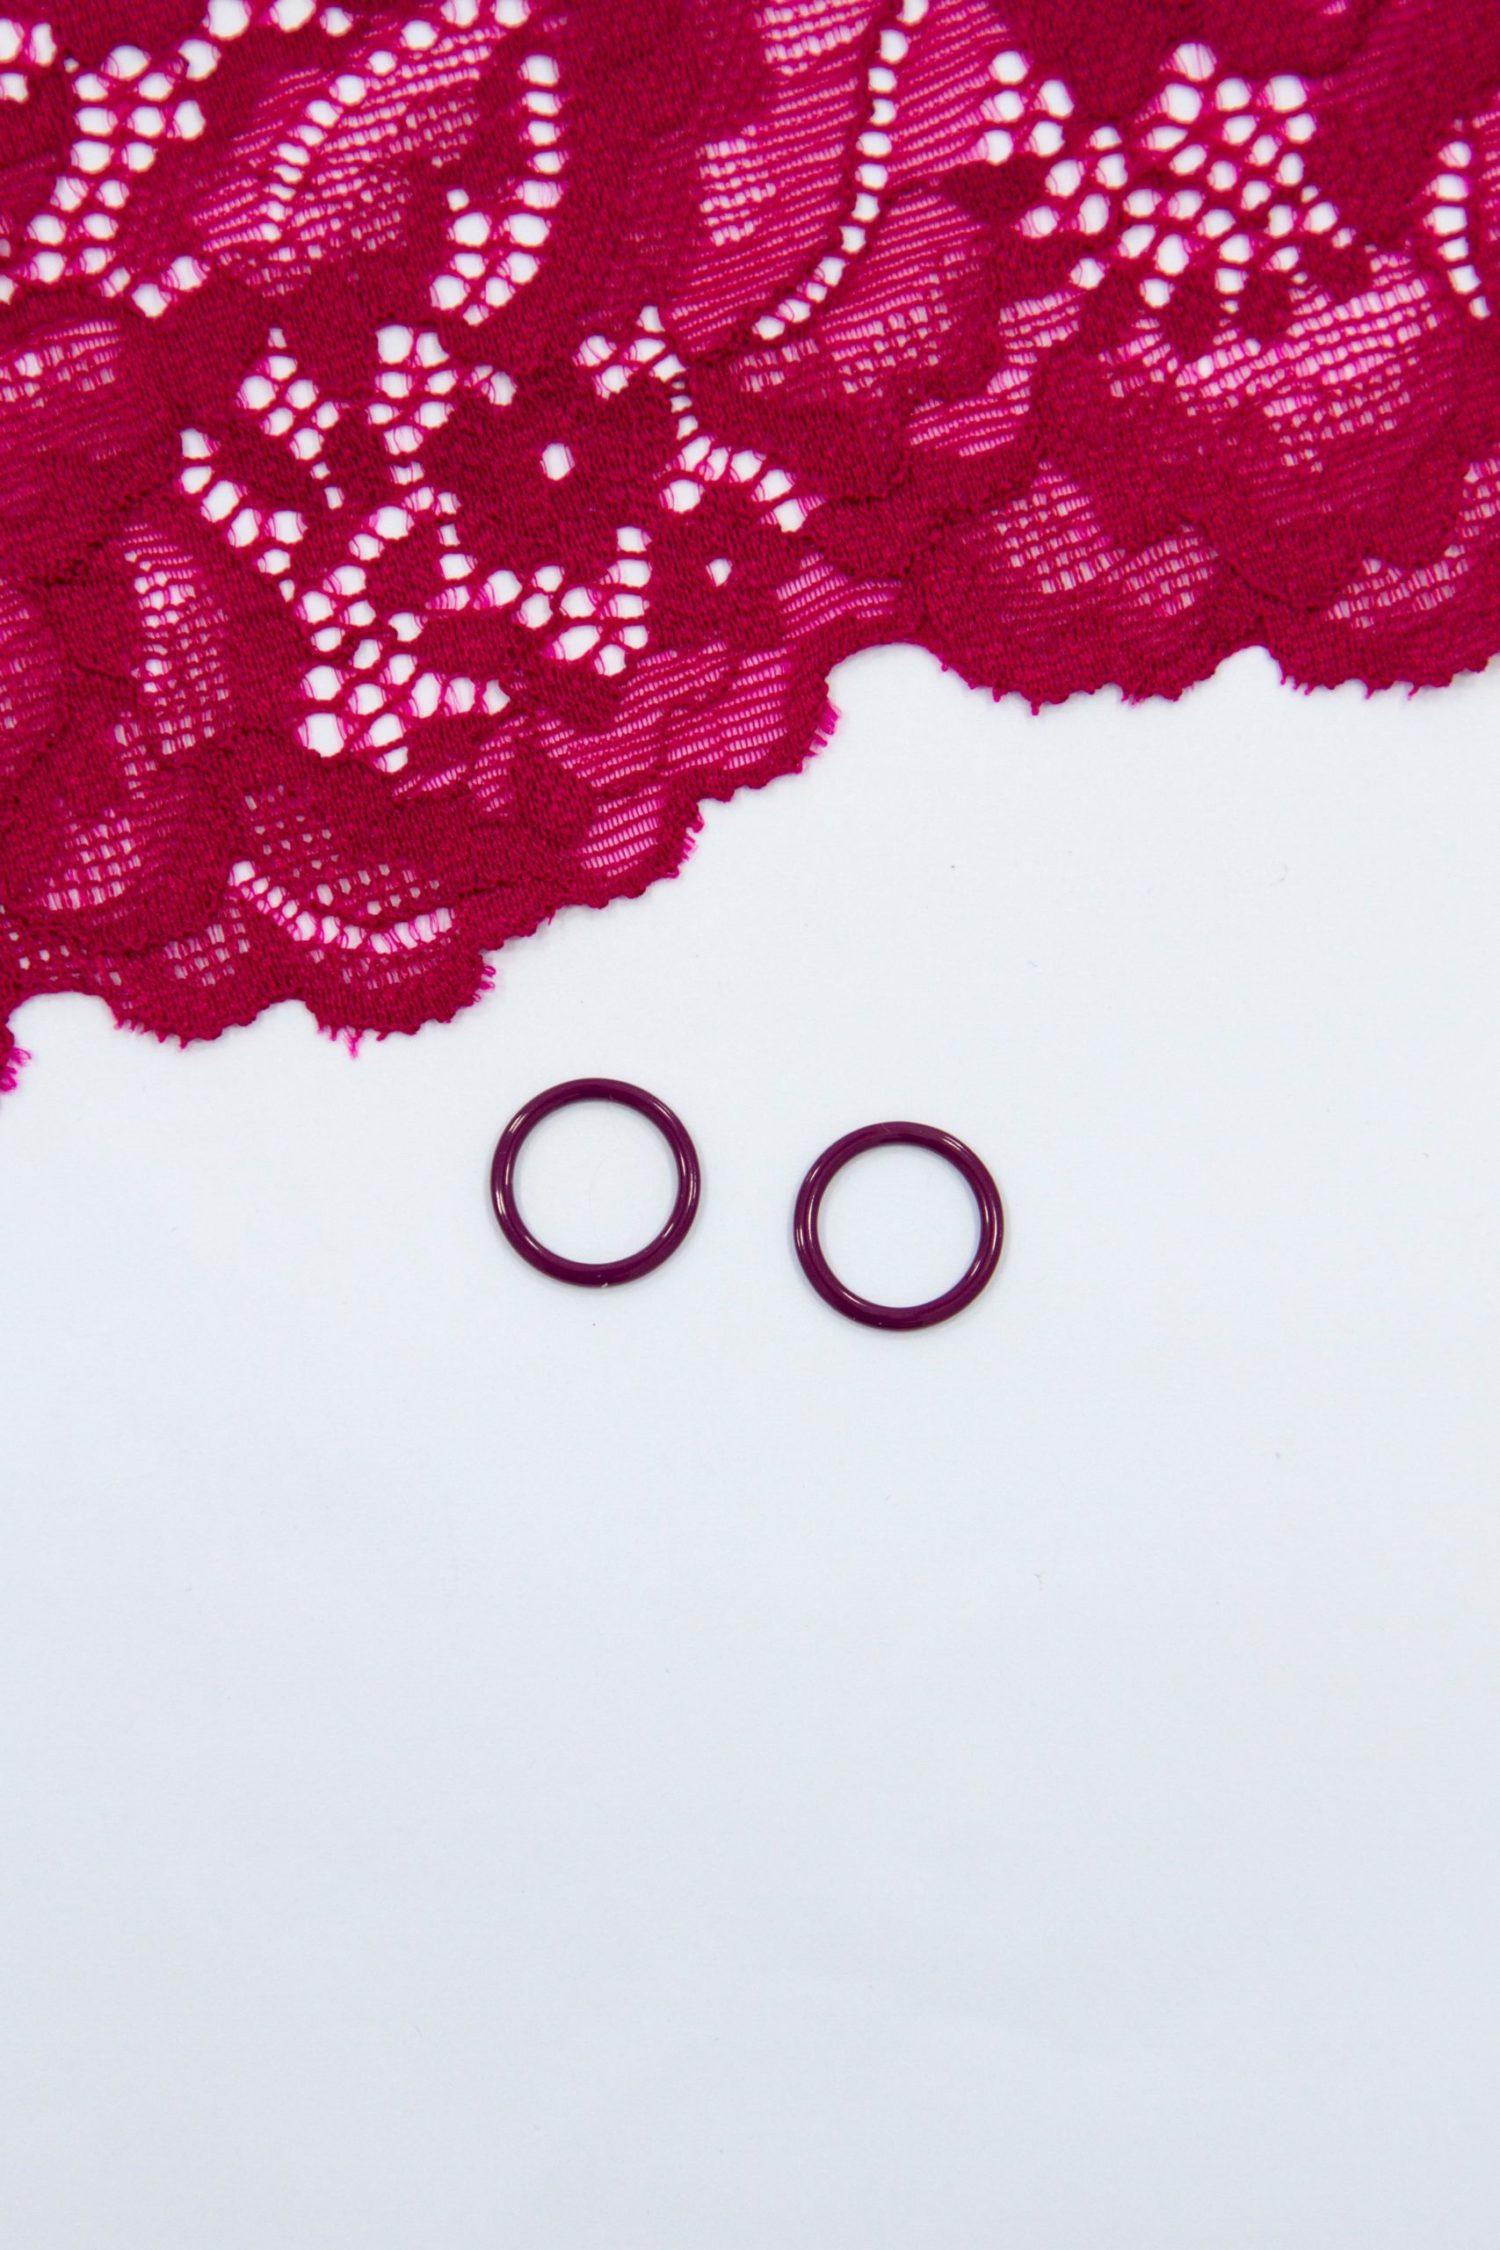 Кольцо металлическое бельевая фурнитура ∅1 см слива